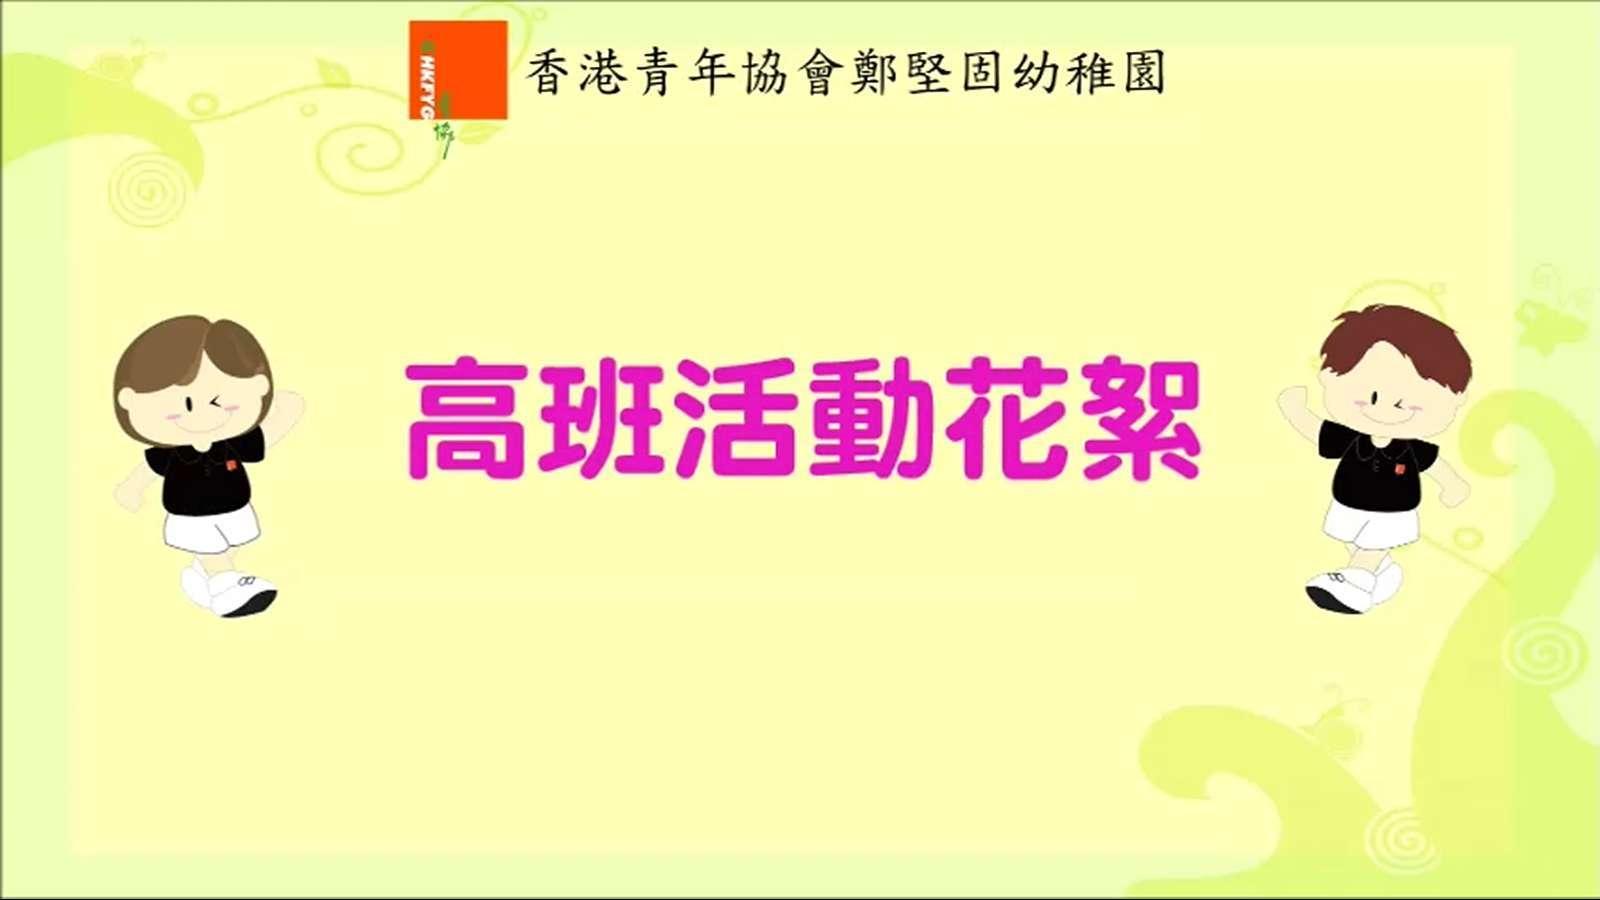 2021-22年度高班活動花絮